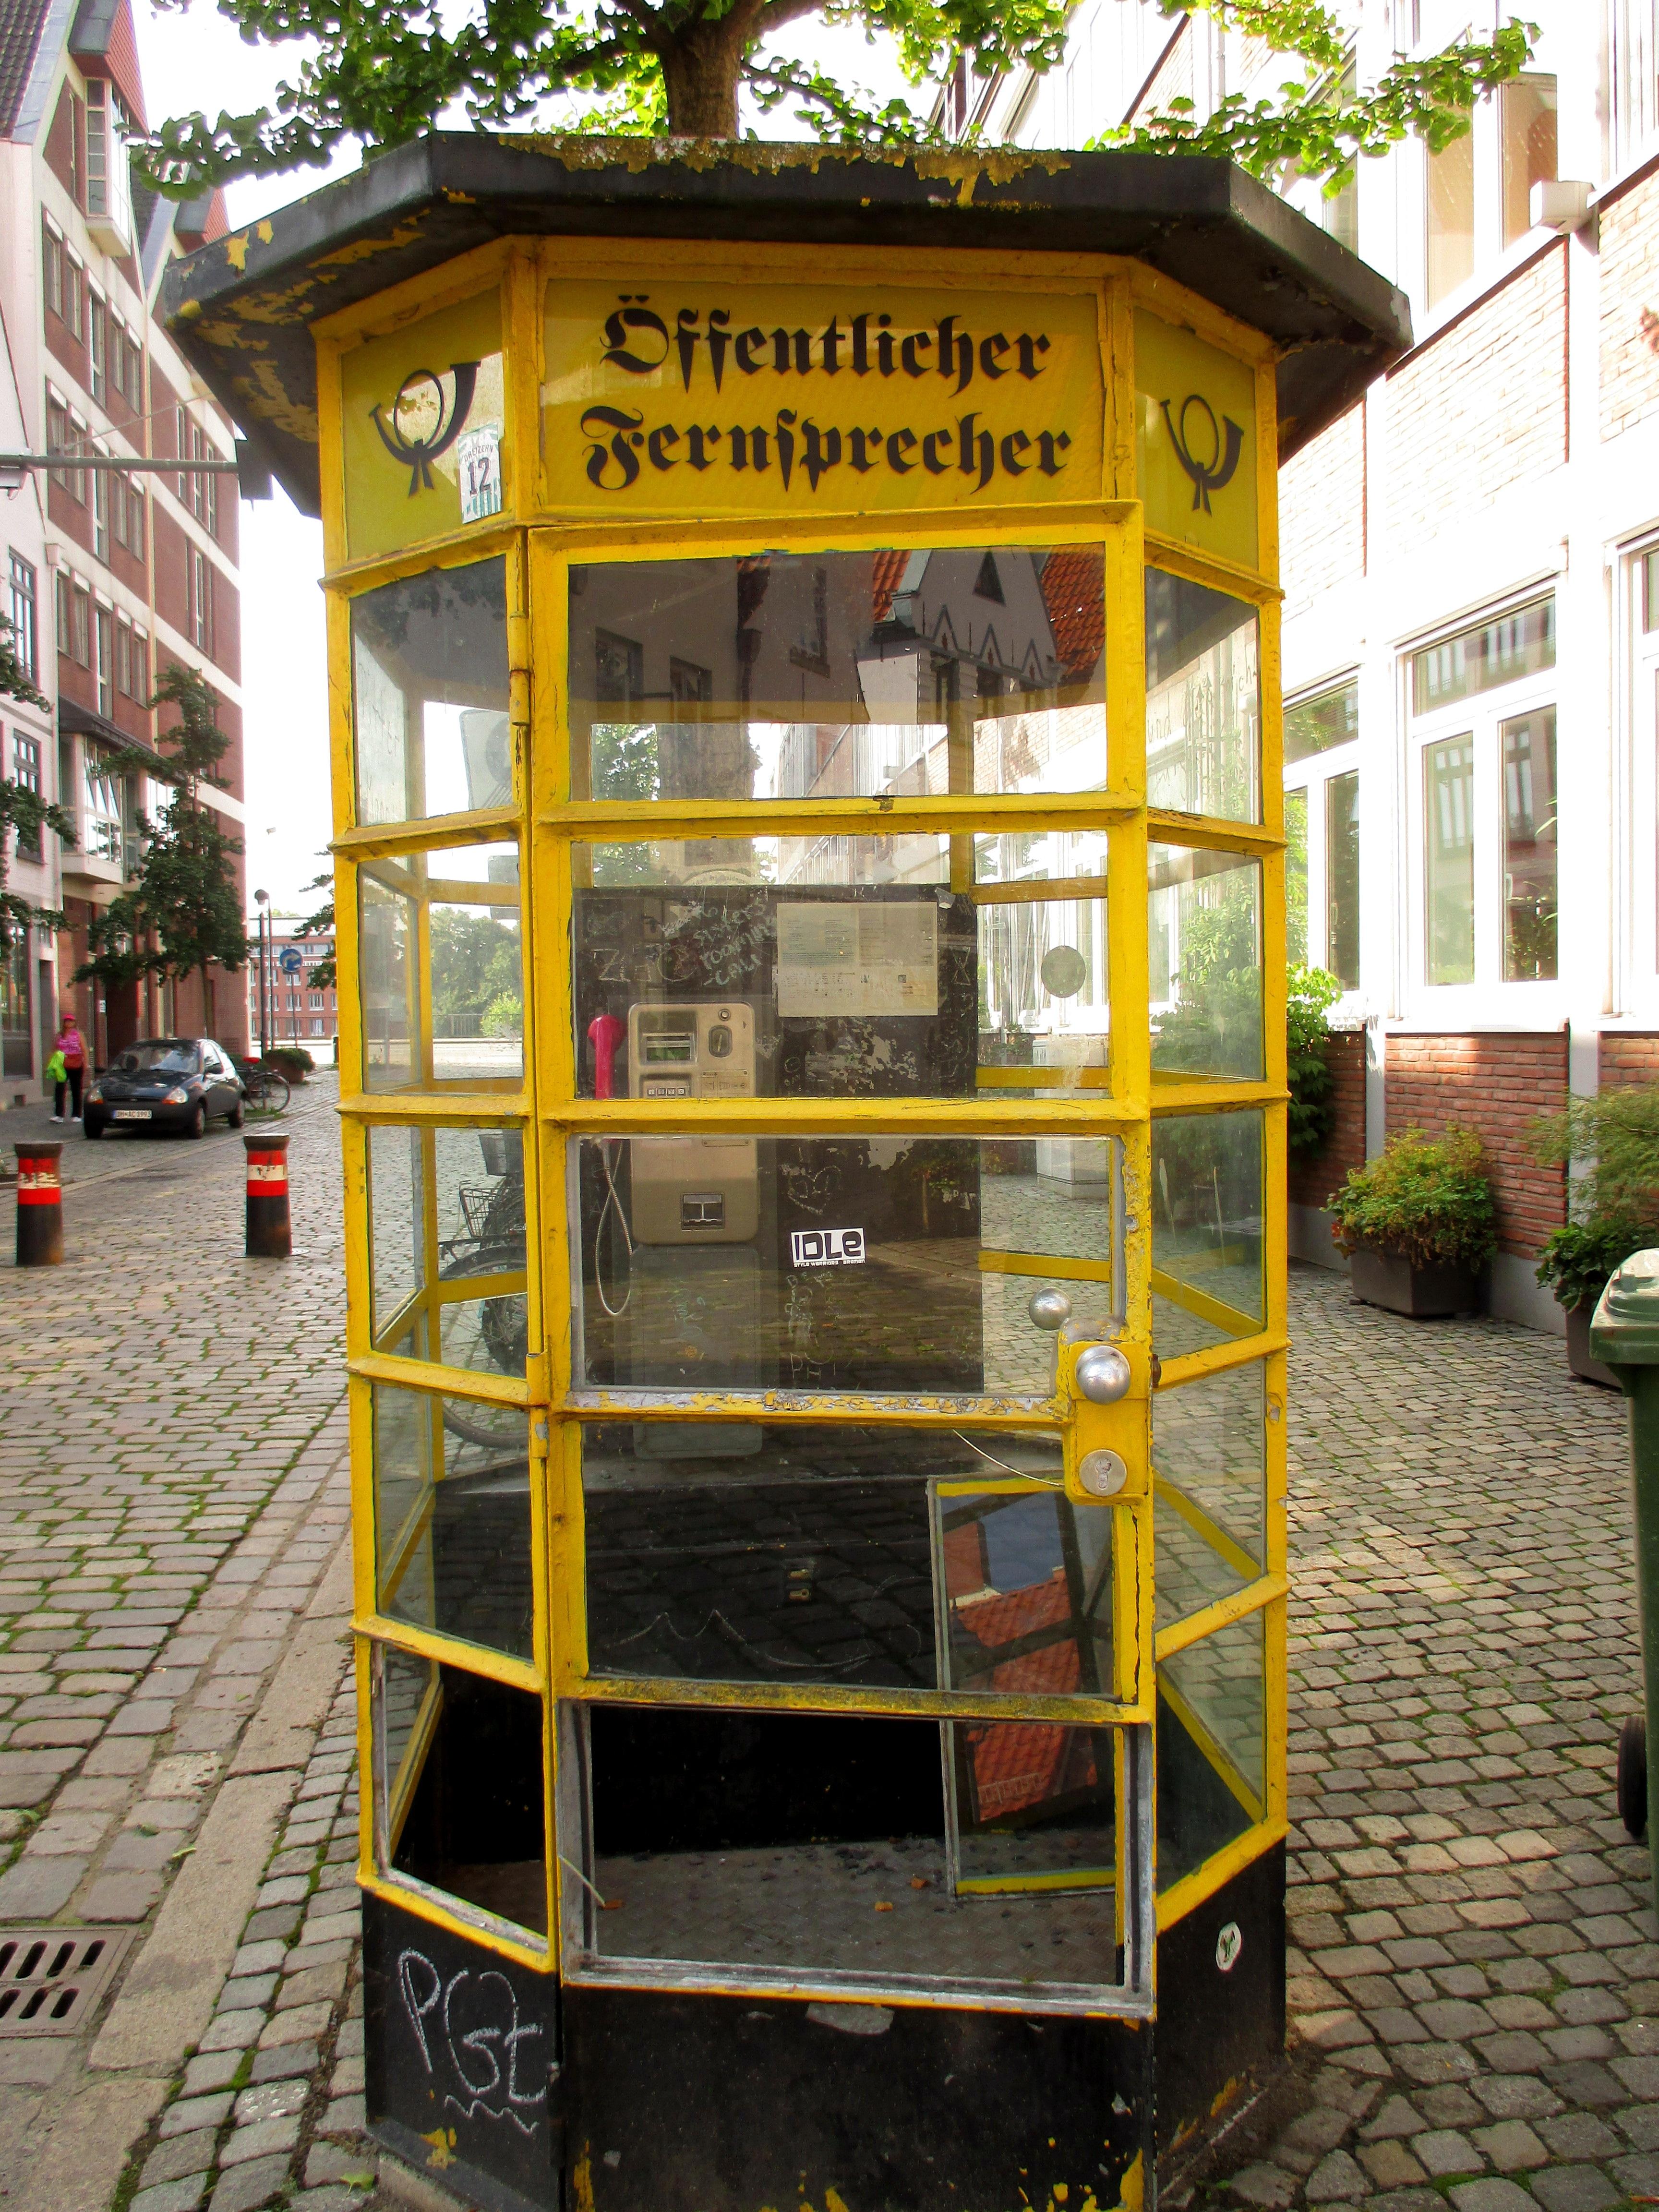 รูปภาพ : เมือง, สีเหลือง, คีออสก์, โทรศัพท์สาธารณะ ...